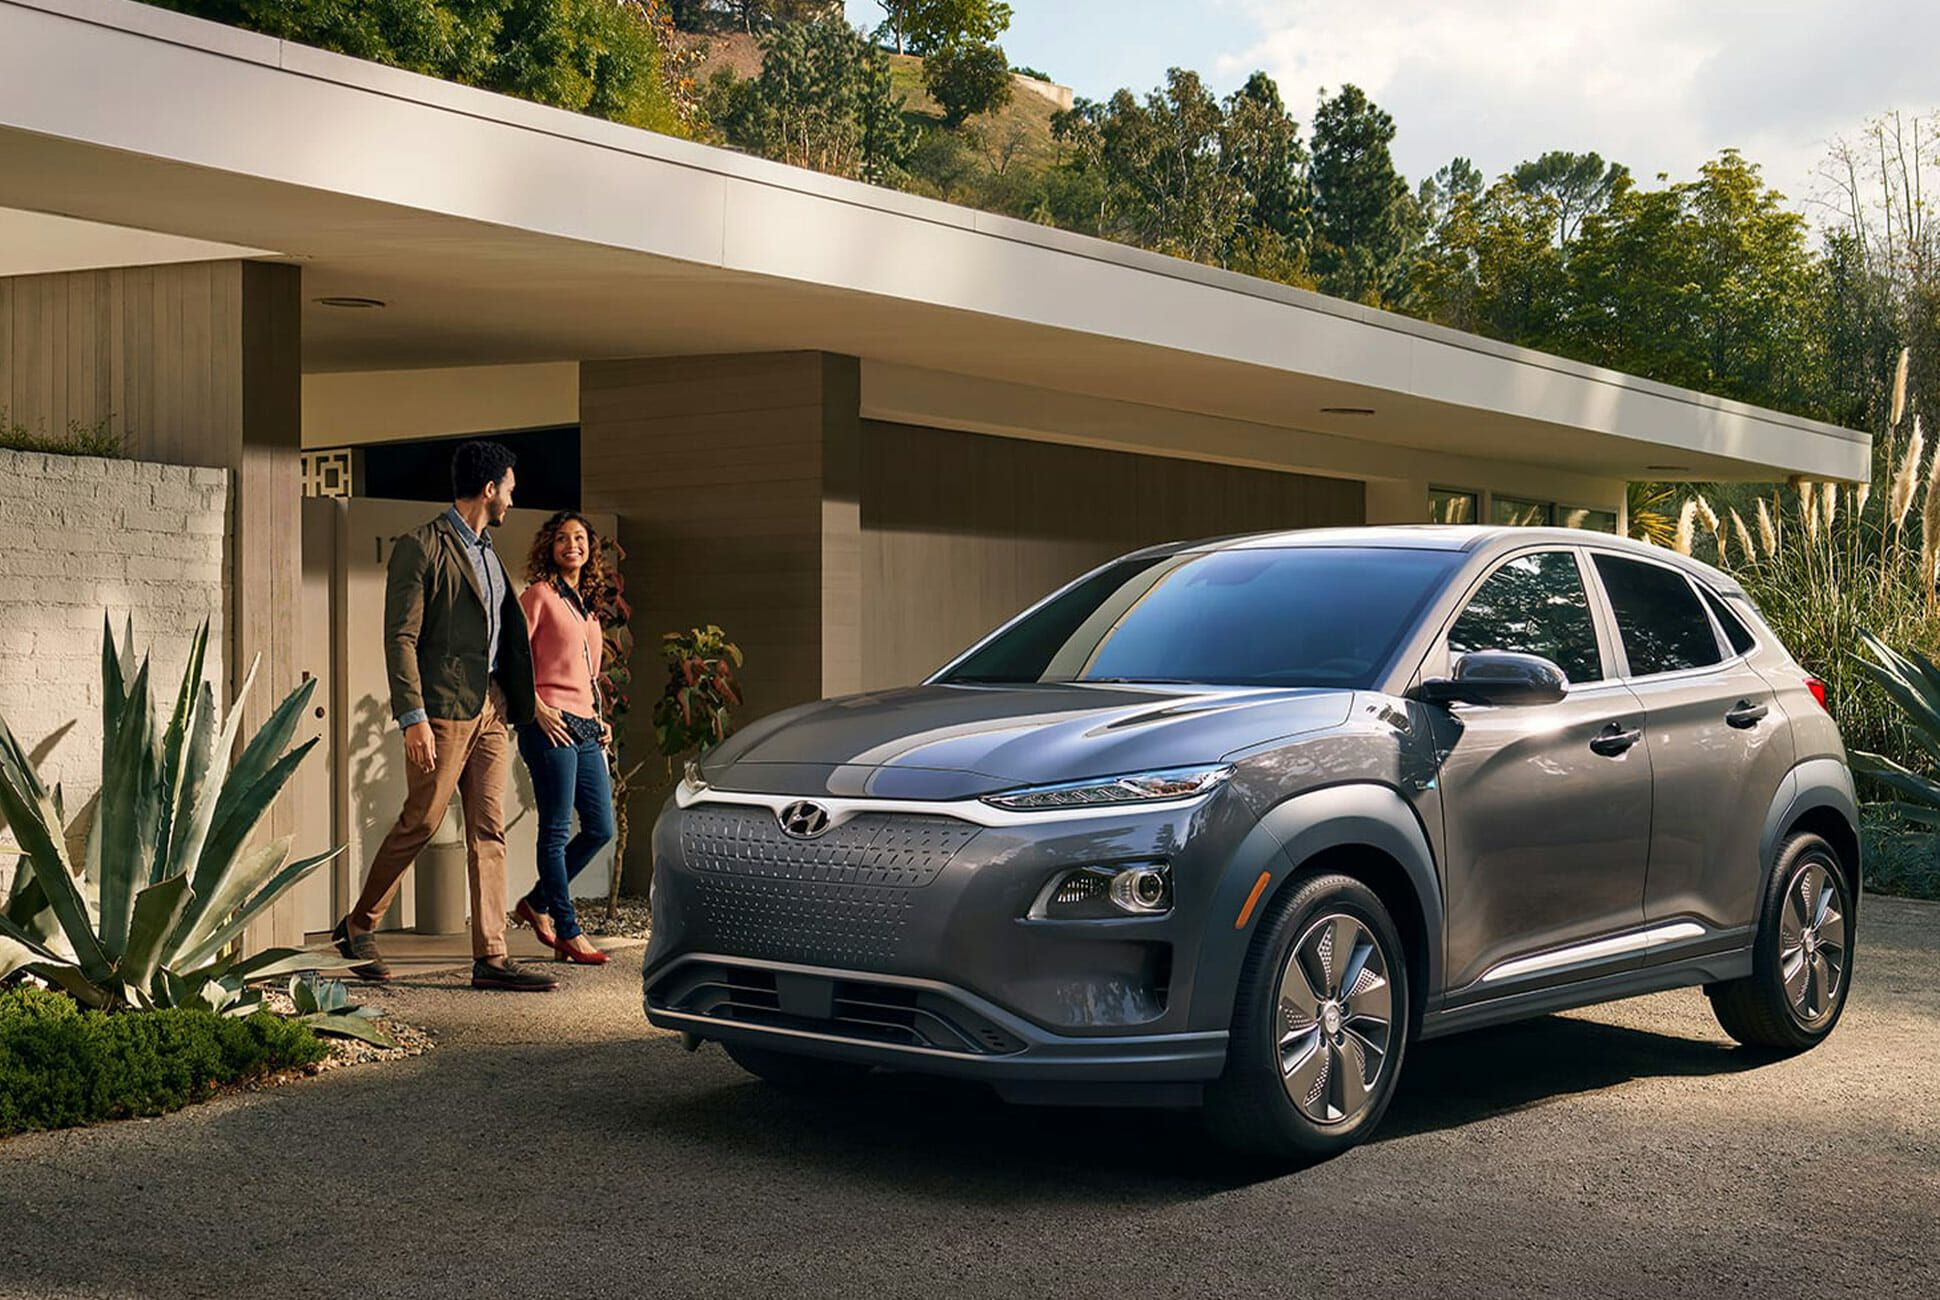 2019 Hyundai Kona EV Review: Awesome, But Not Cheap • Gear